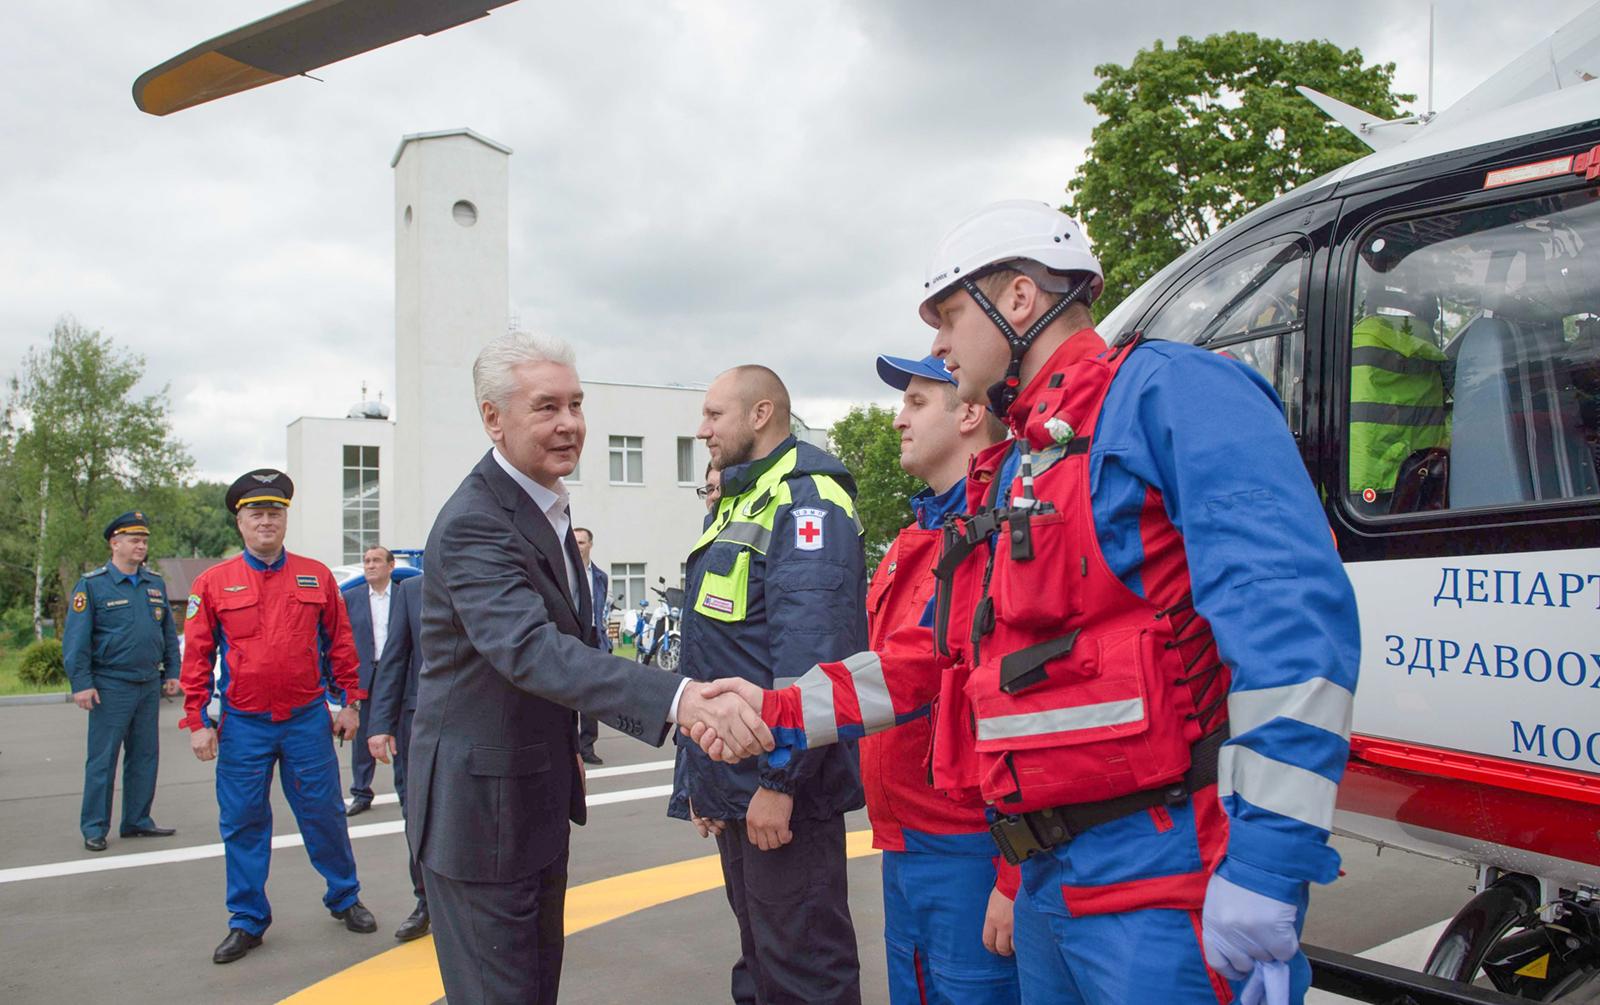 Московское правительство о пожарной безопасности в столице в 2018–2019 гг. Политика и планы